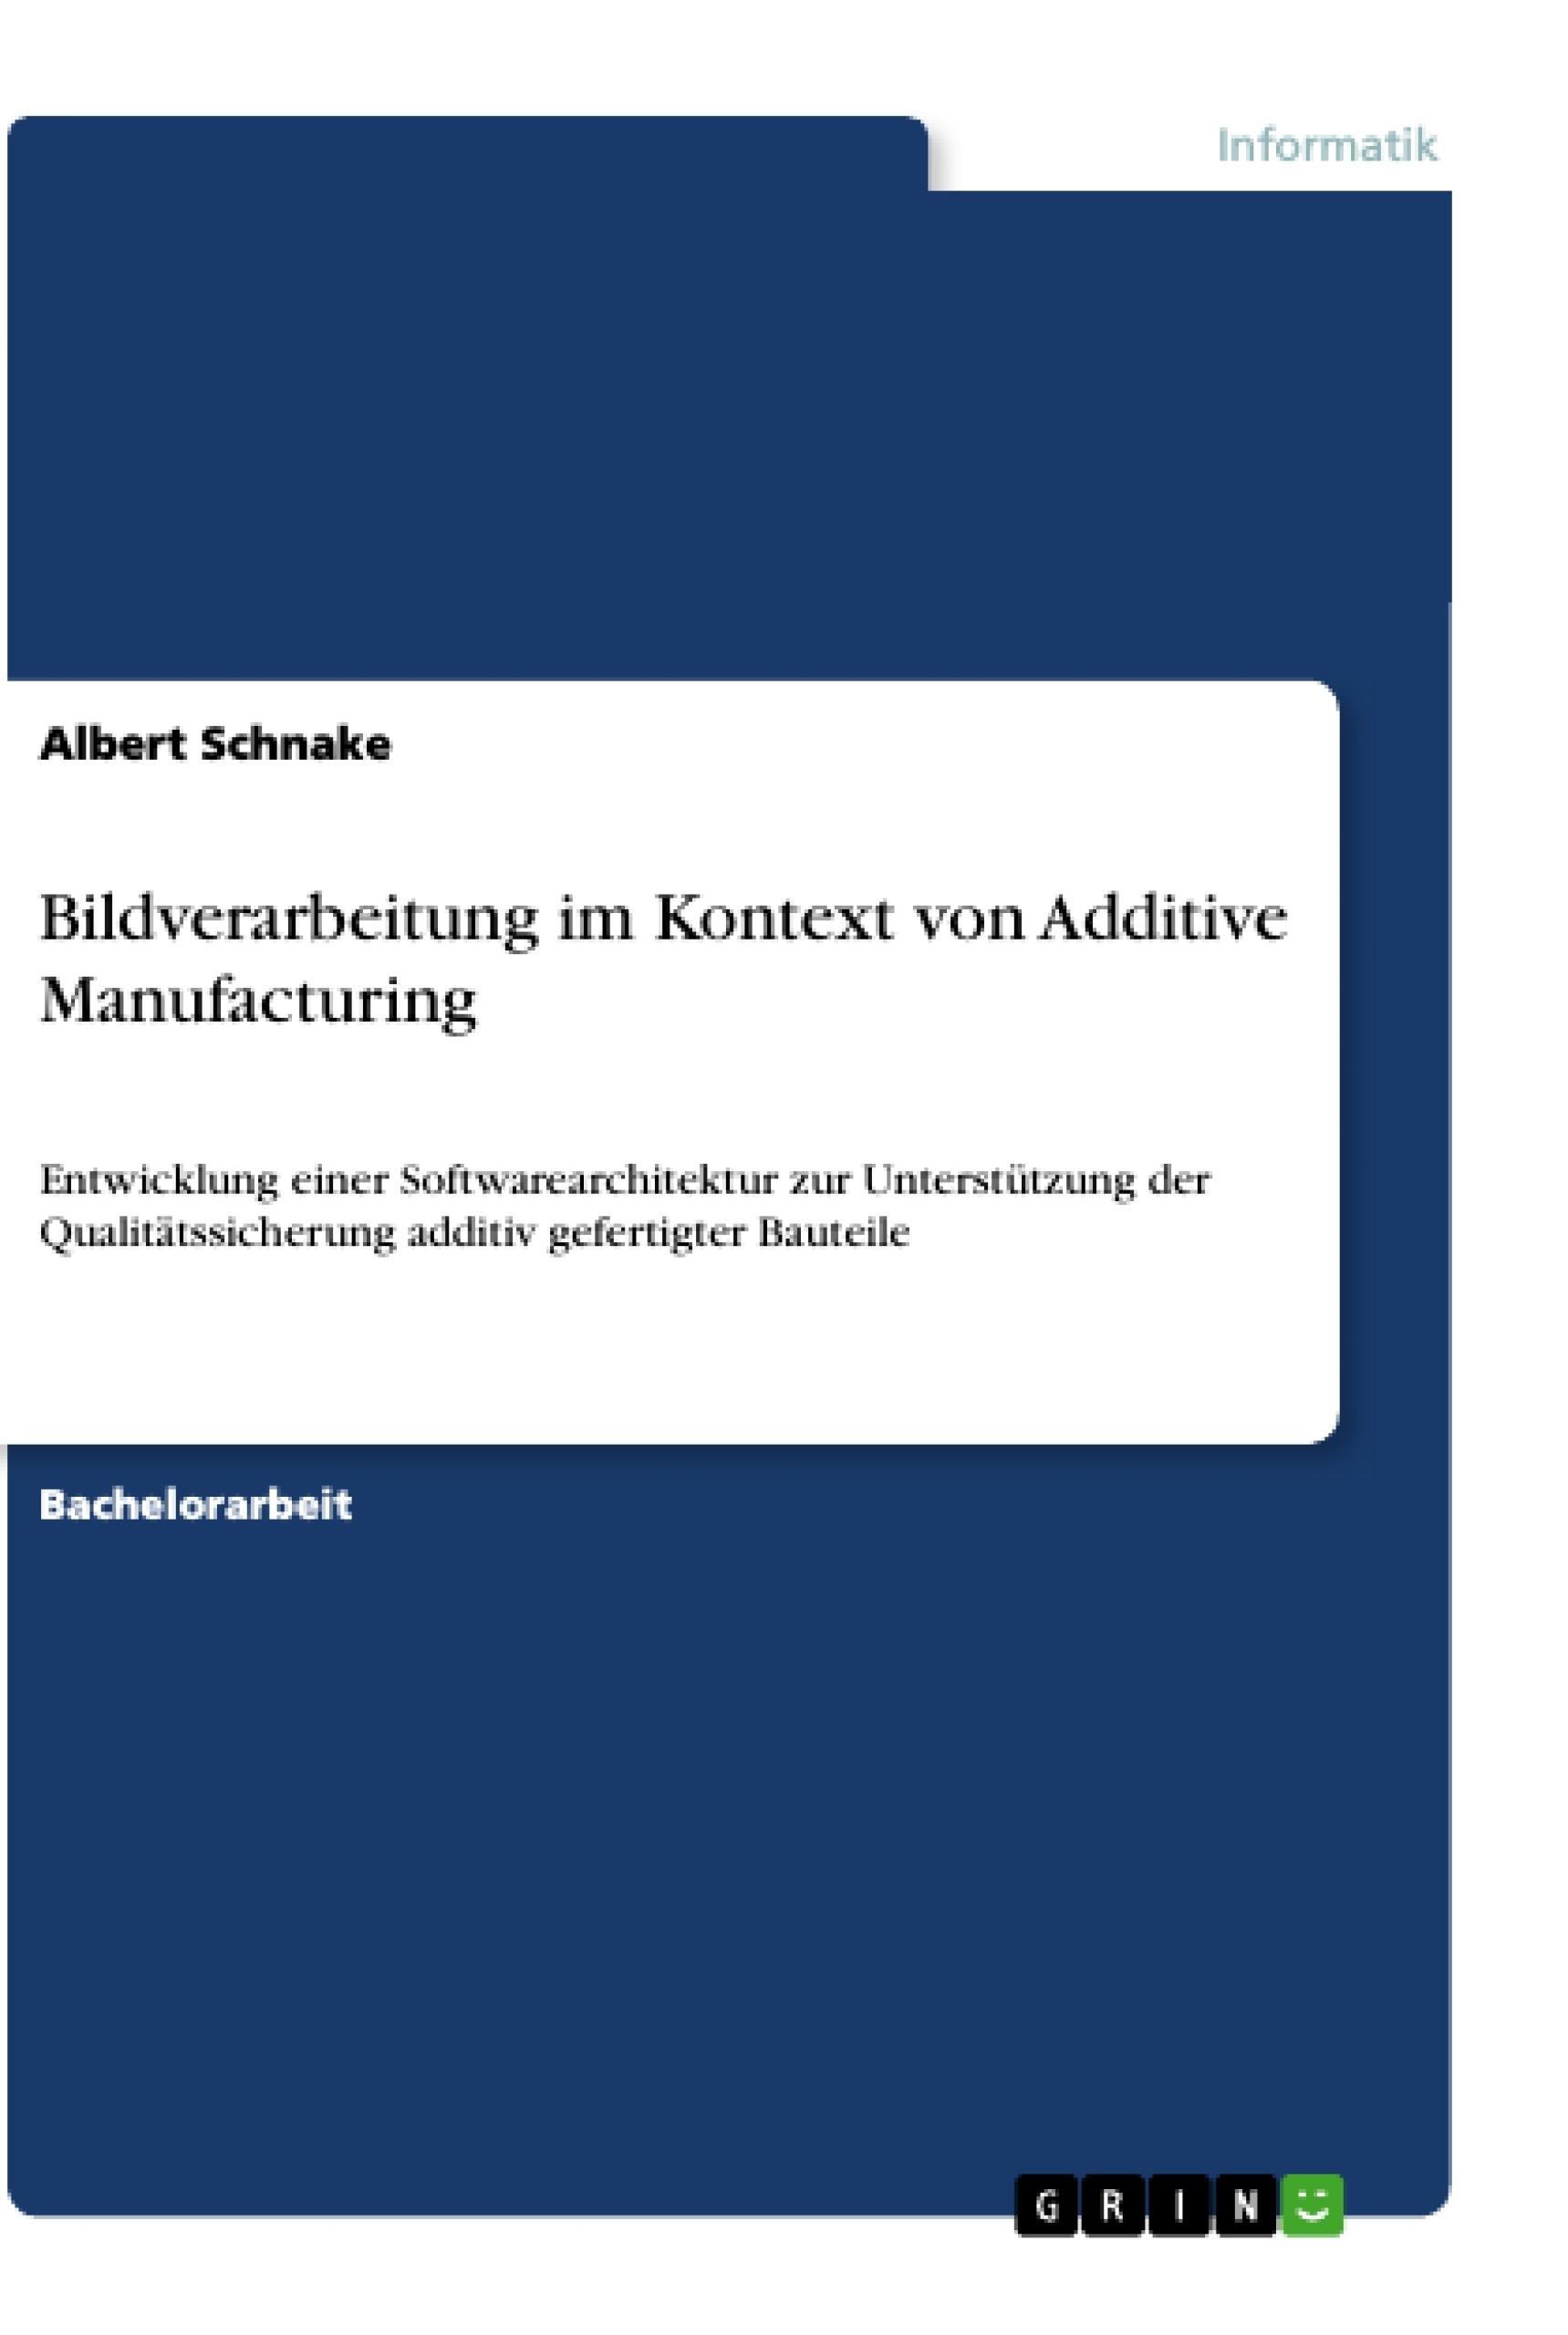 Titel: Bildverarbeitung im Kontext von Additive Manufacturing